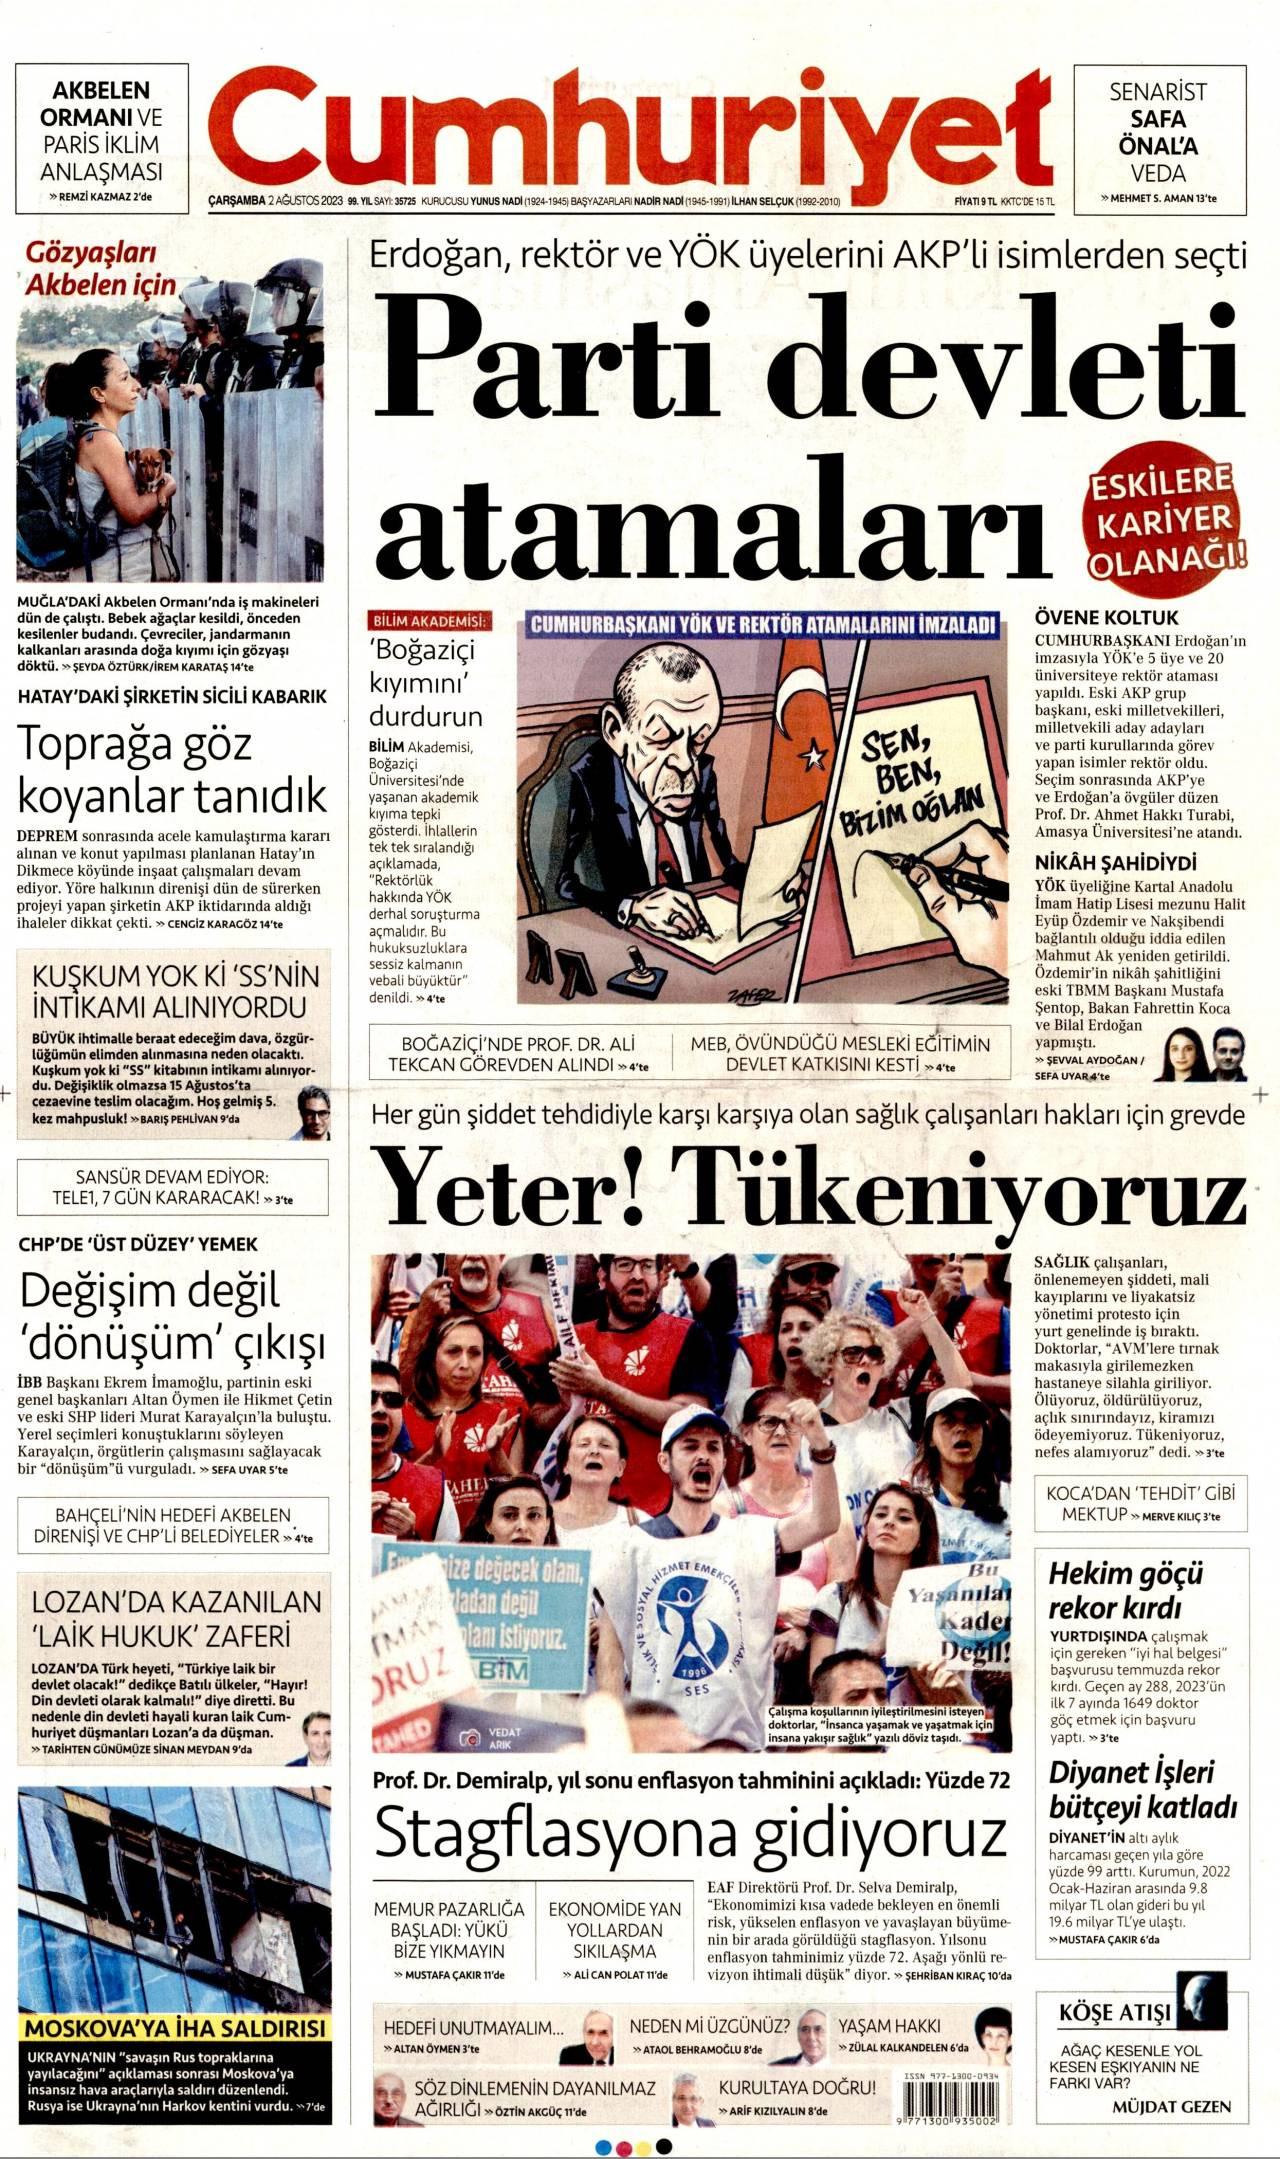 22 Mayıs 2019, Çarşamba cumhuriyet Gazetesi